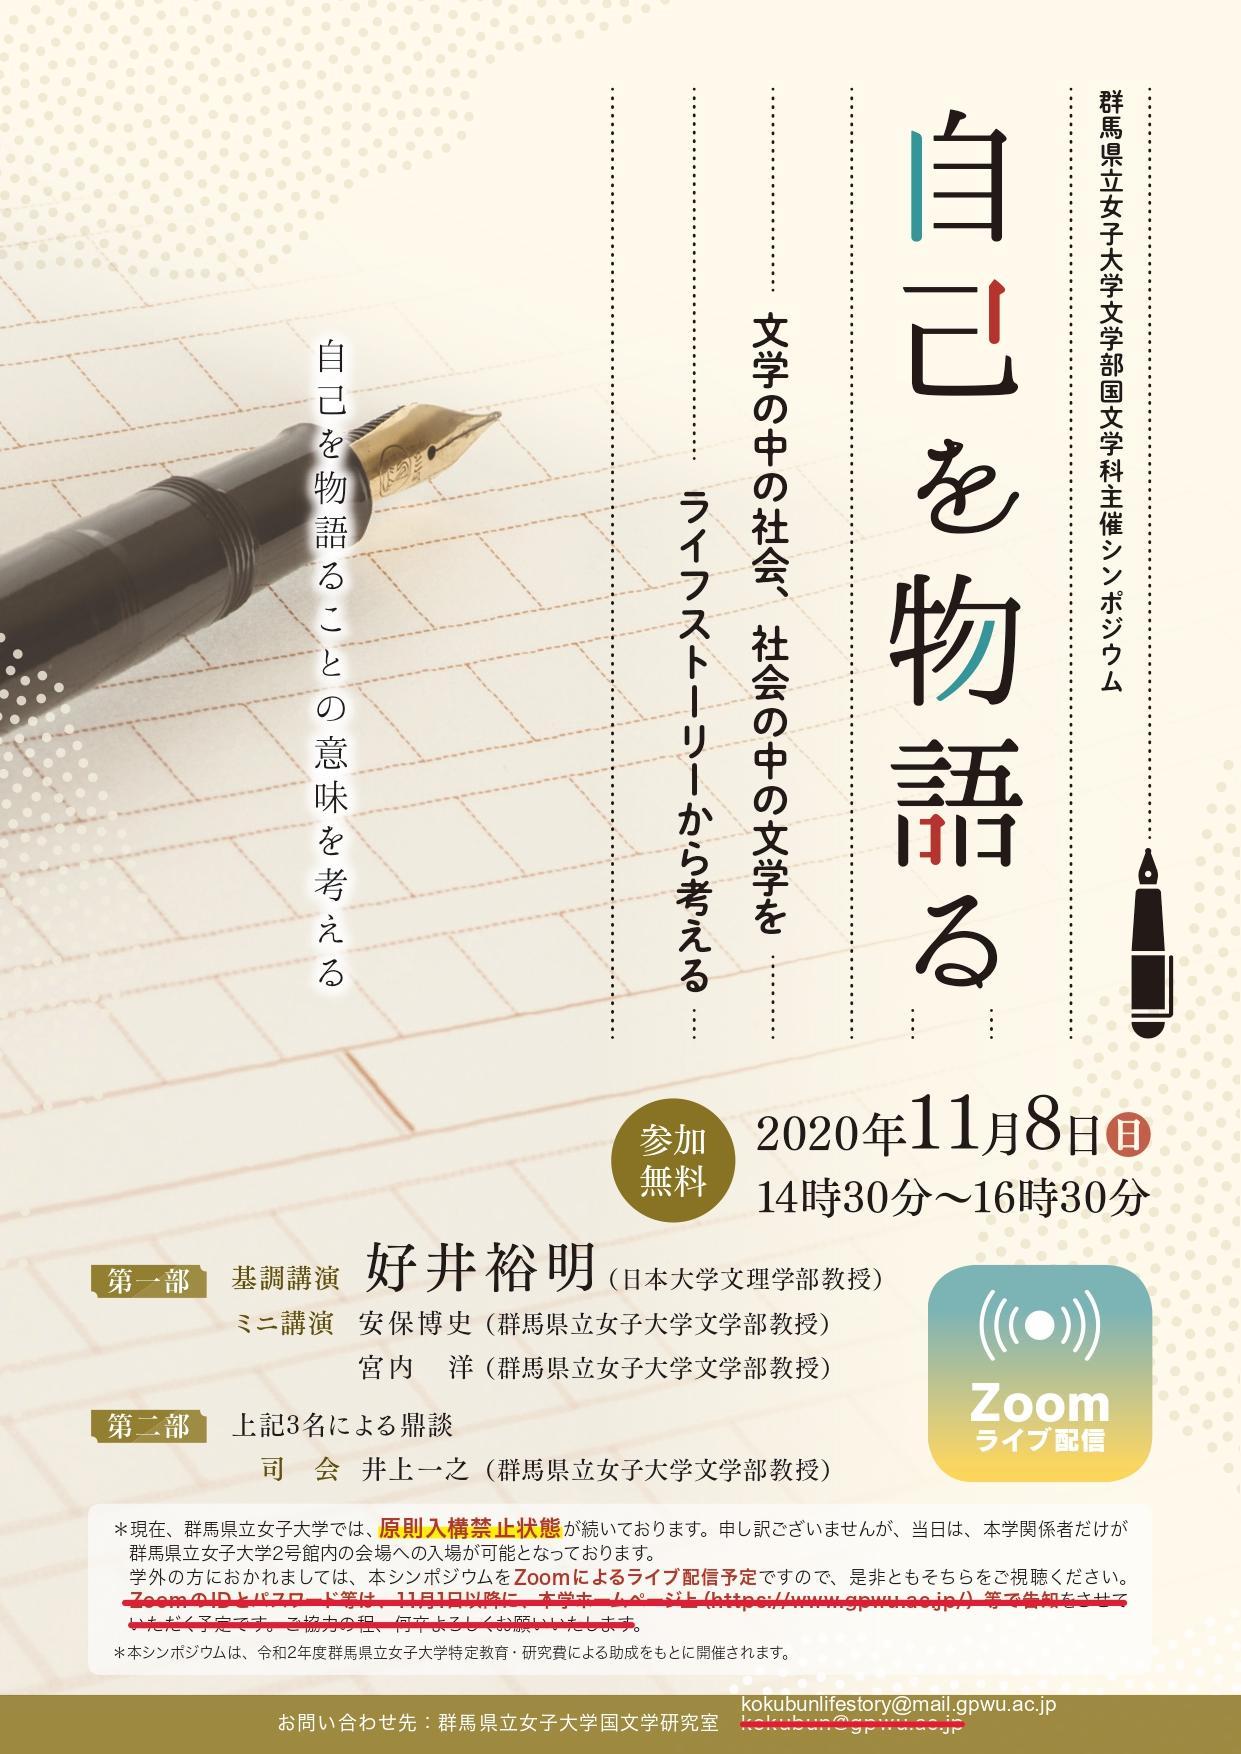 サイト ポータル 理学部 大 日 文